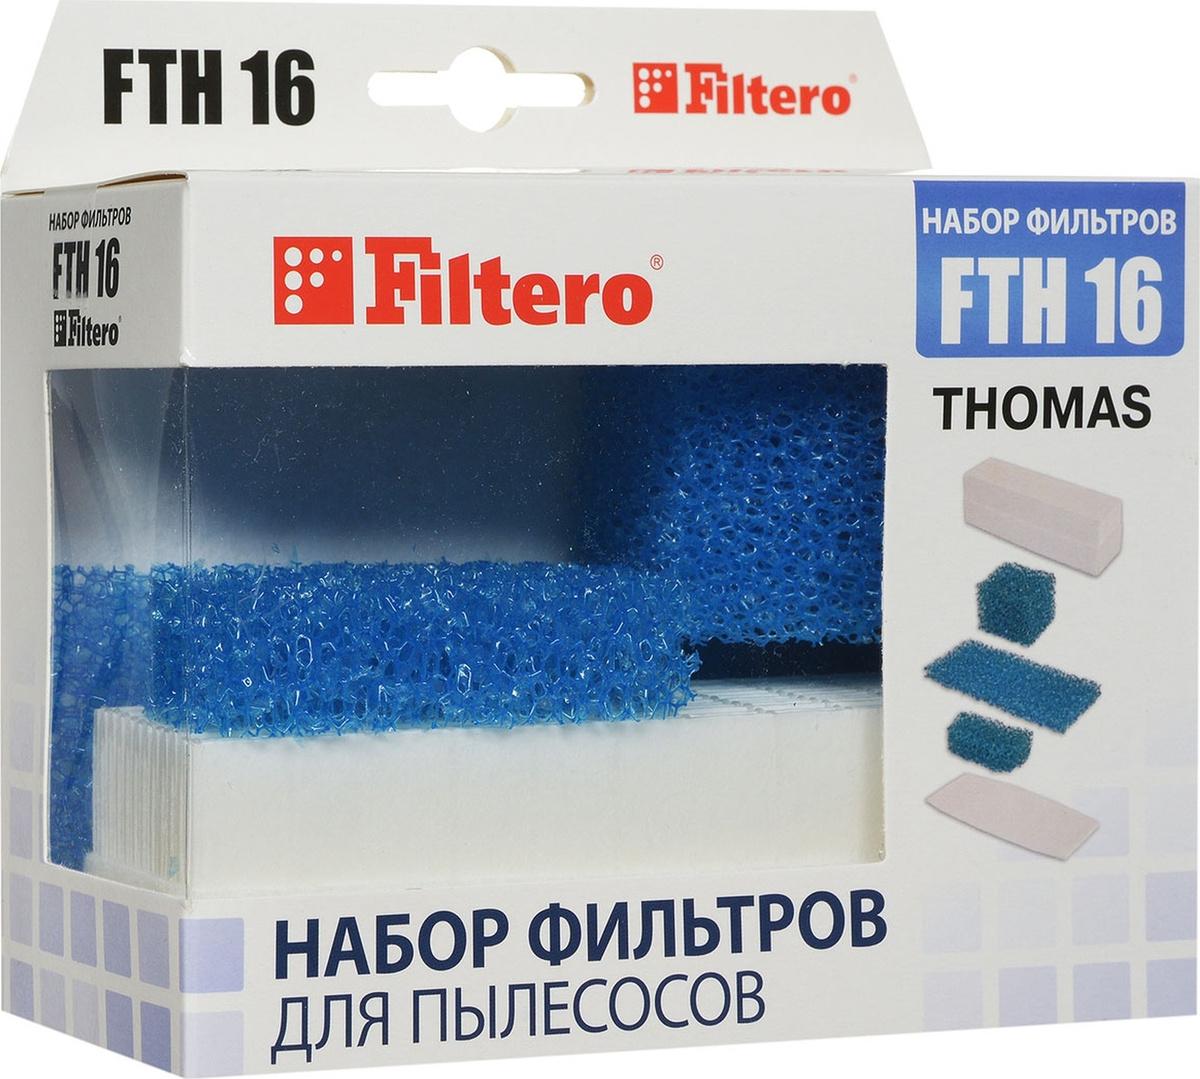 Filtero FTH 16 для пылесосов Thomas, 1 шт. #1